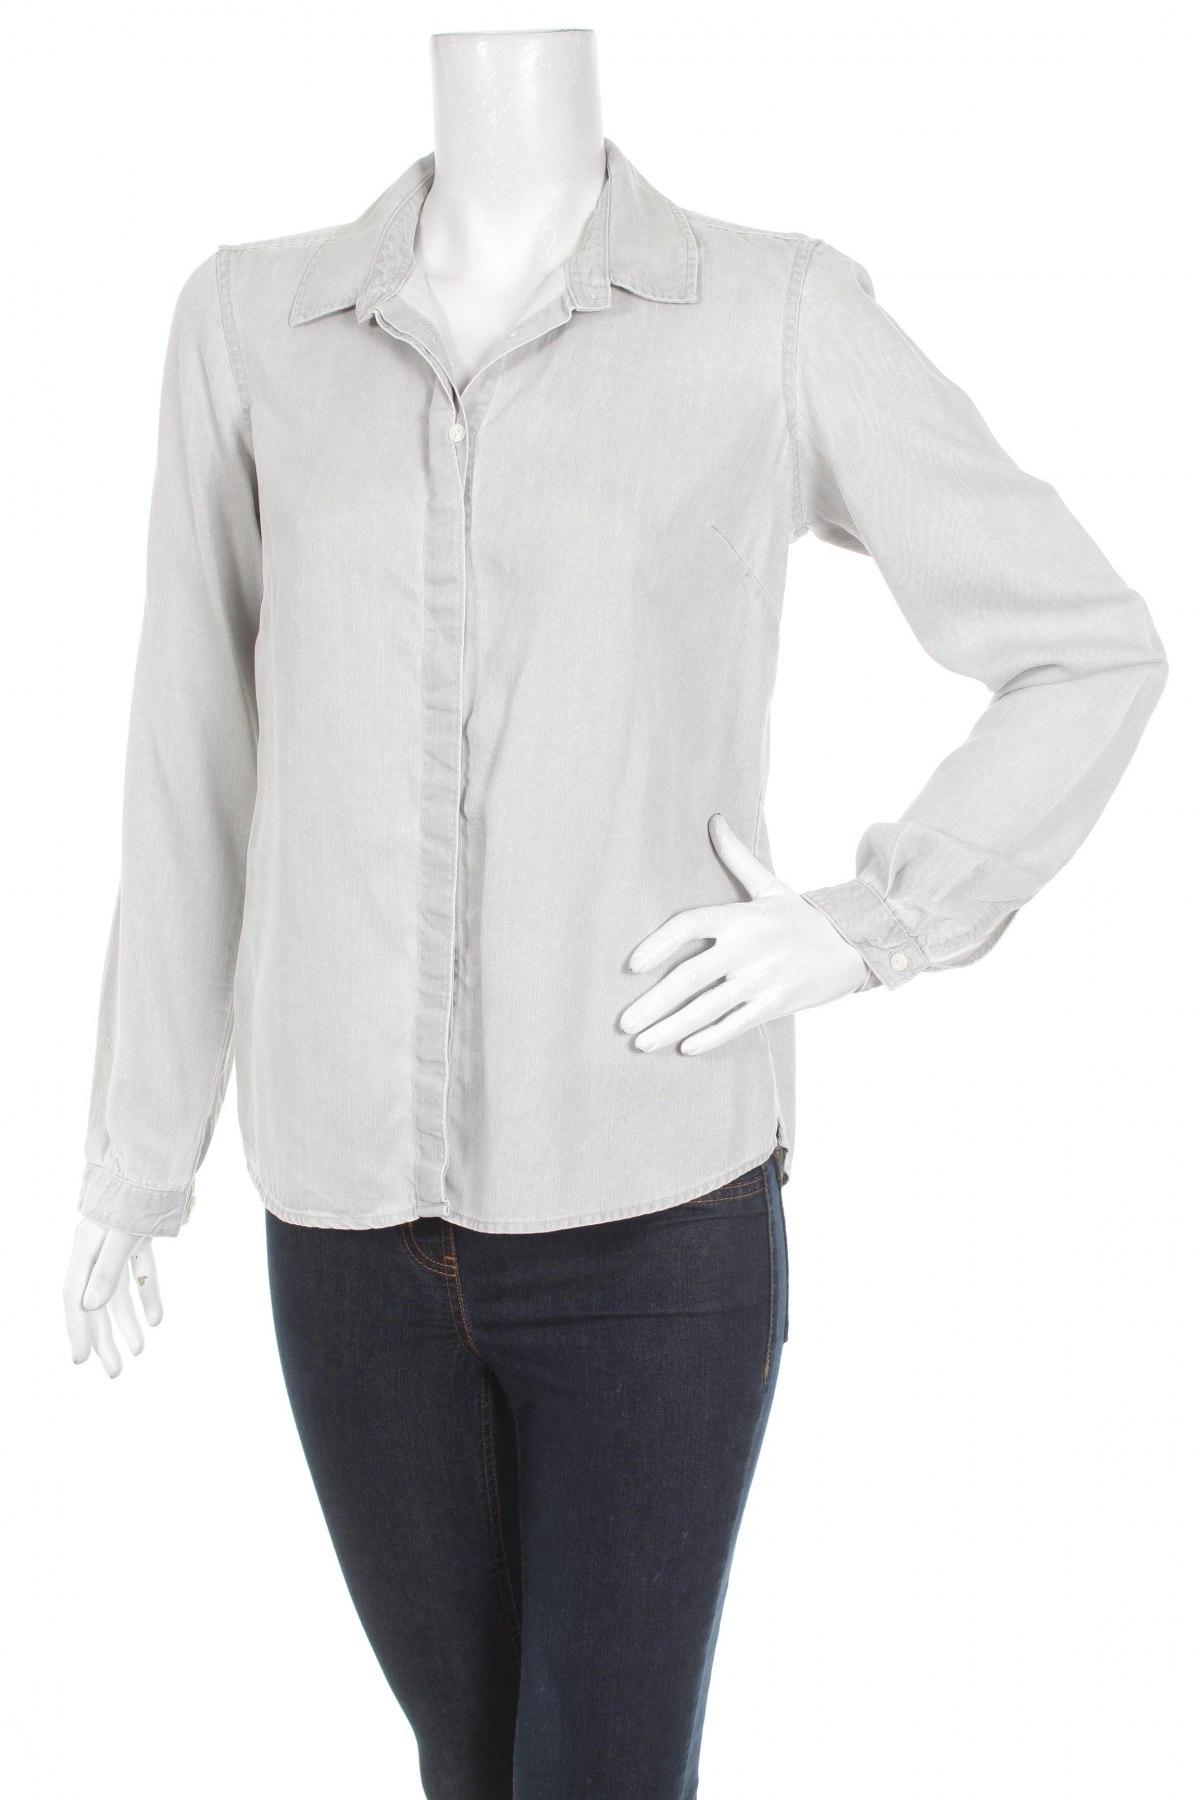 Γυναικείο πουκάμισο Helene Fischer For Tchibo